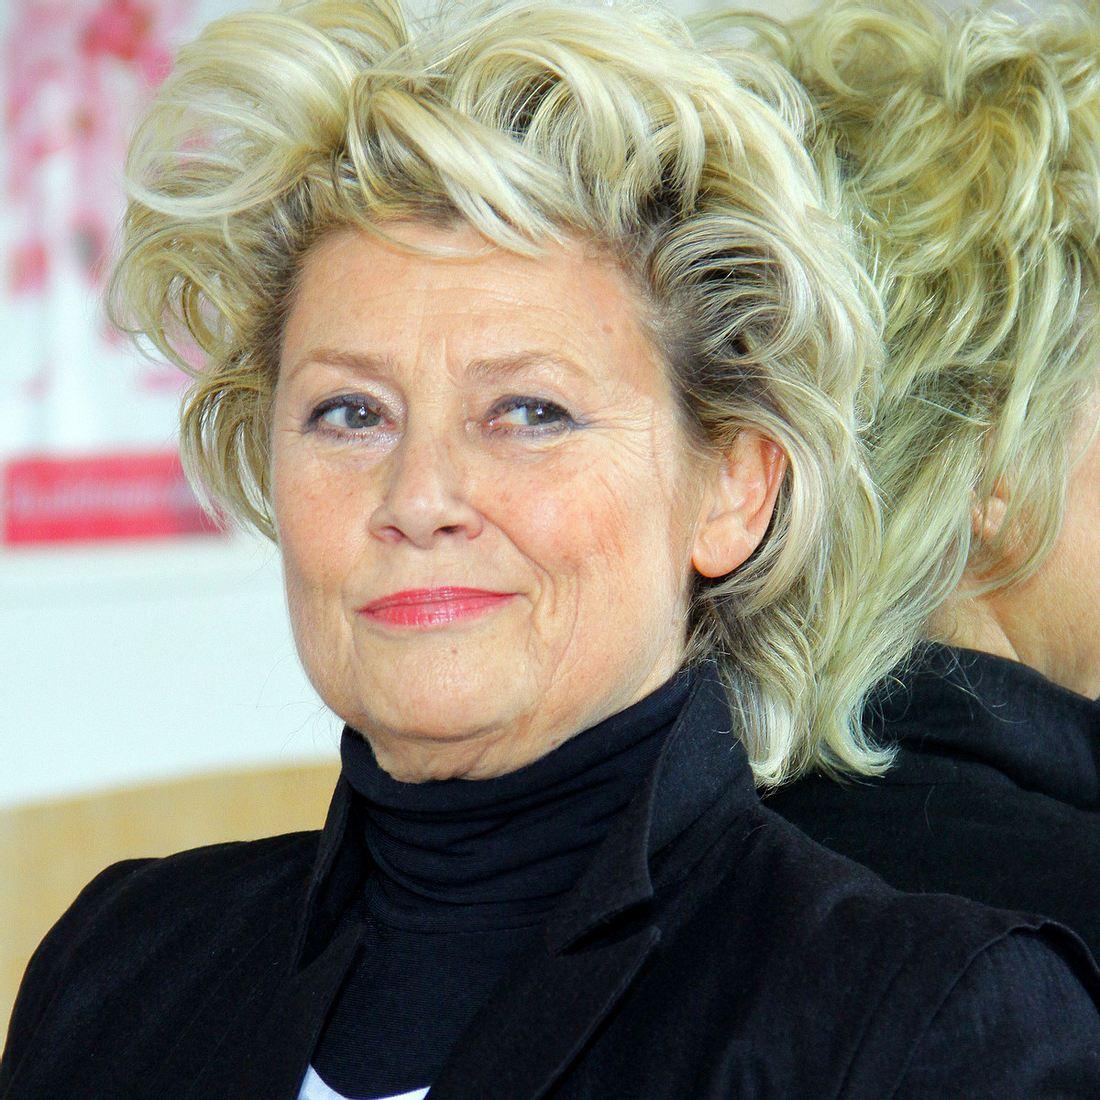 """Gitte Haenning setzt wegen Tod der Schwester bei """"Let's Dance"""" aus"""